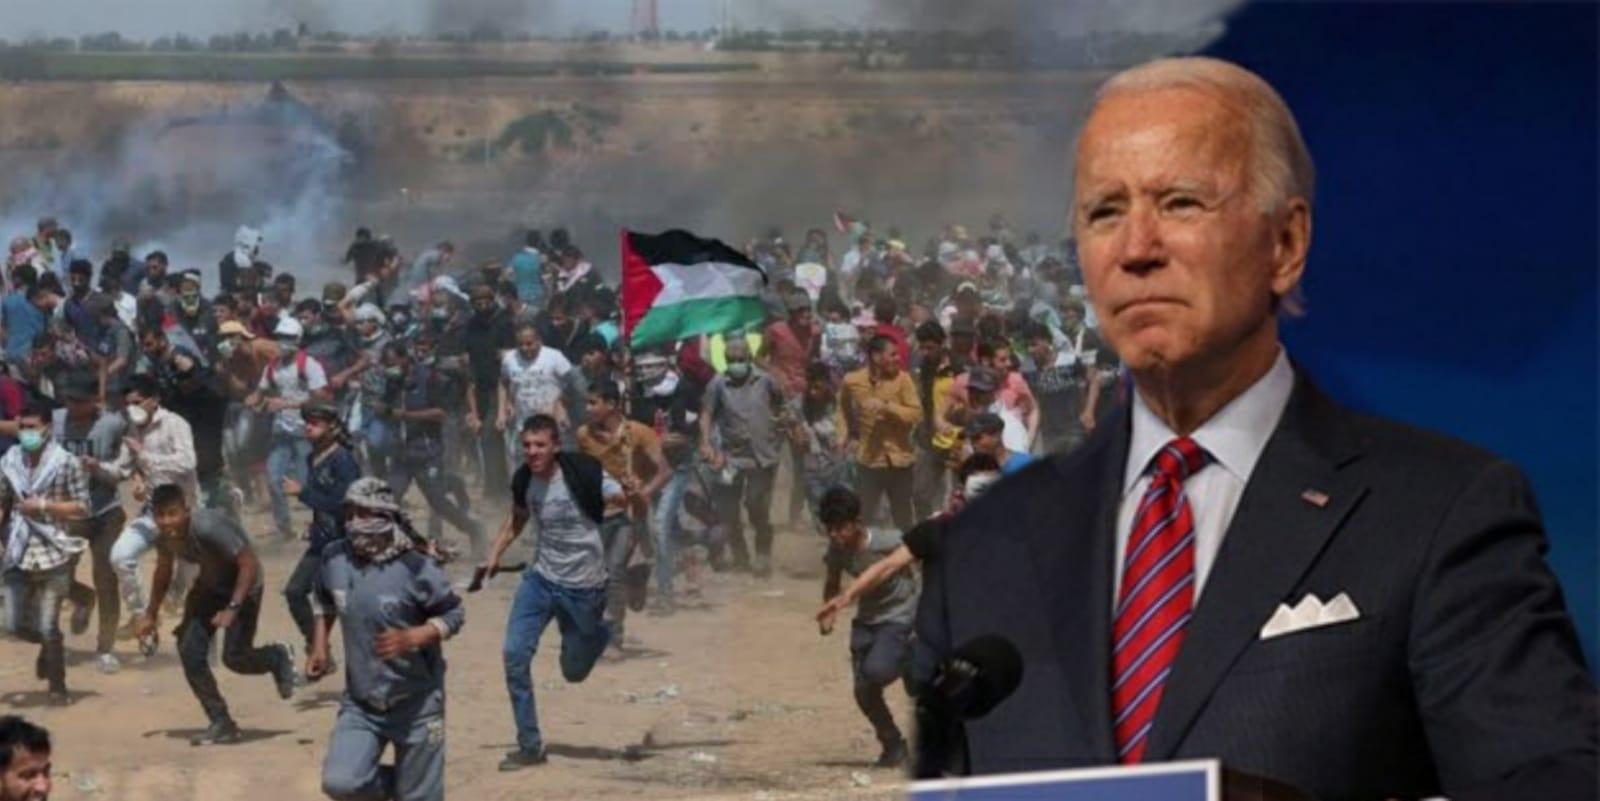 Joe Biden ABD'nin Filistin ambargosunu kaldırdı